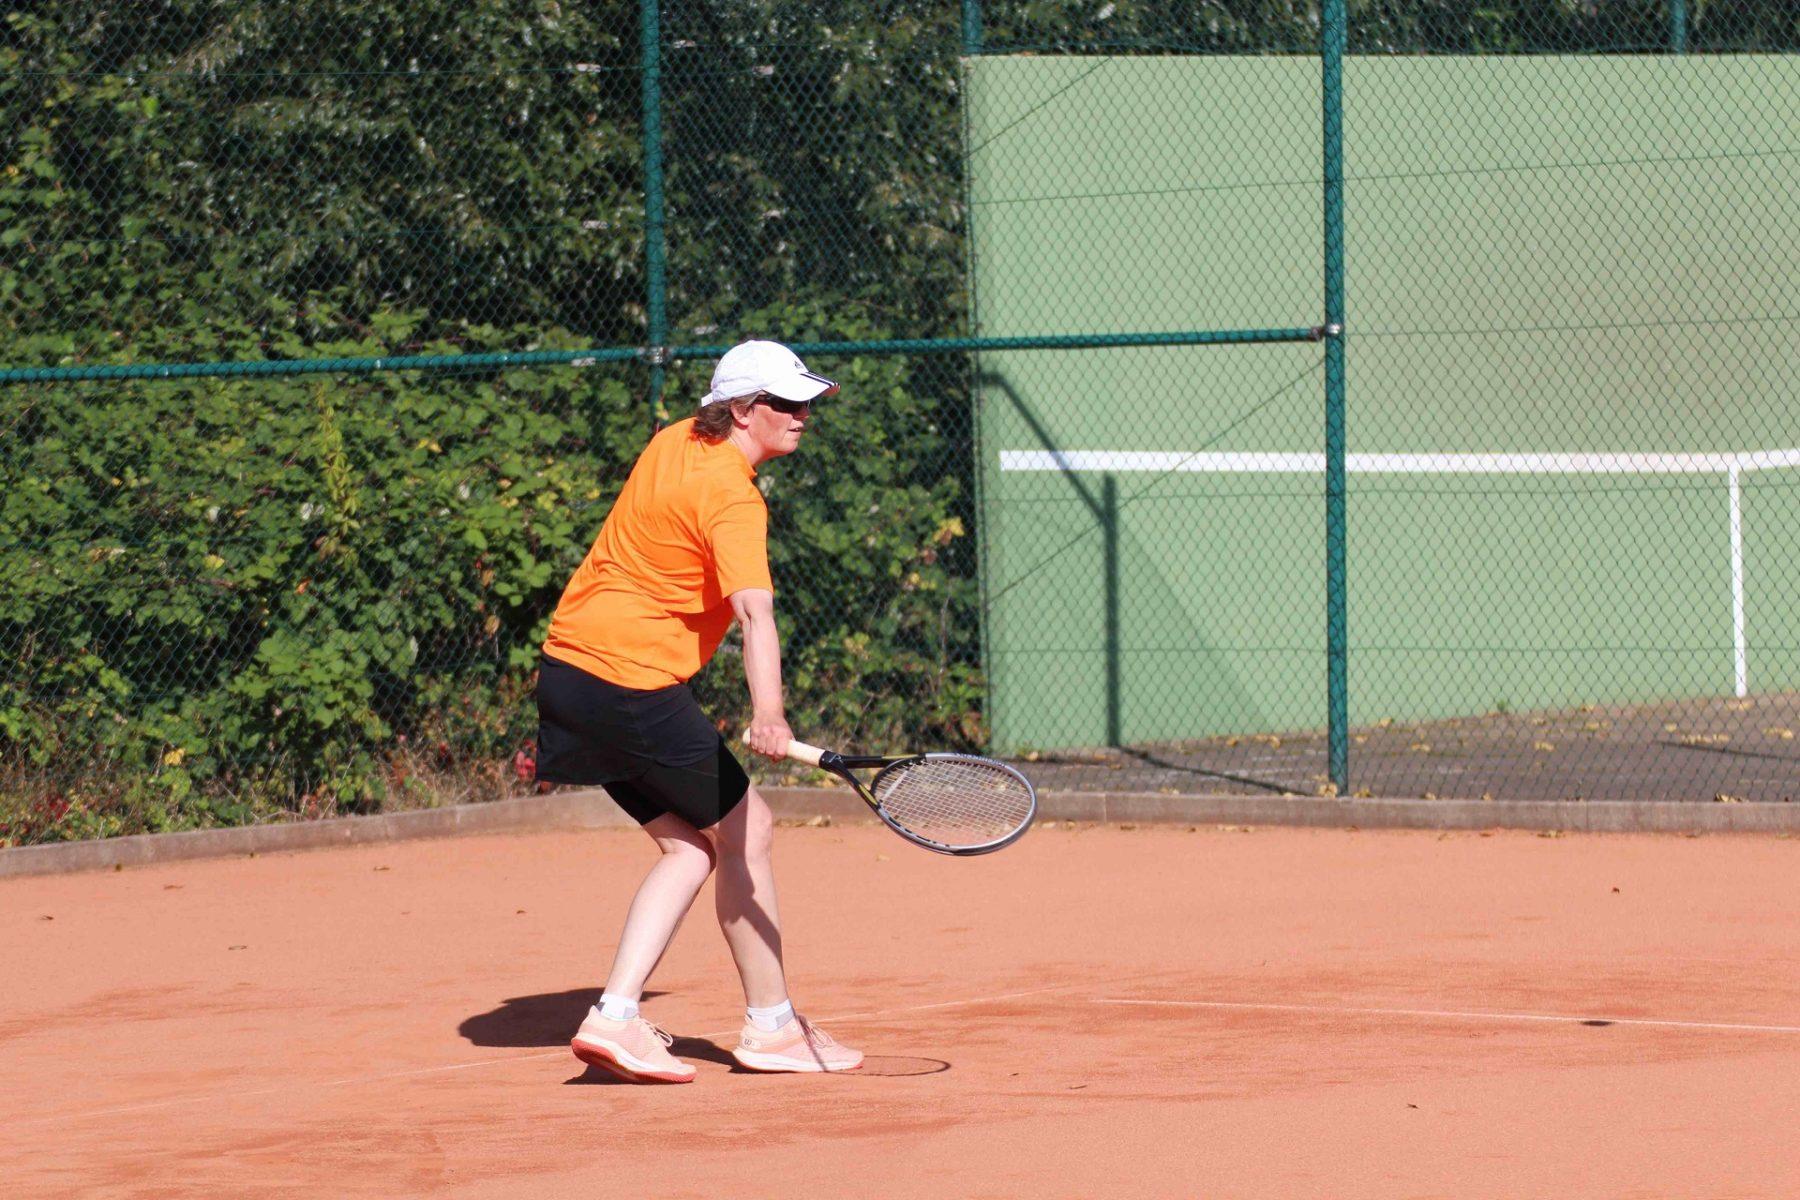 telekom-post-sv-bielefeld-tennisabteilung-vereinsmeisterschaften-2020-impressionen-2-hp